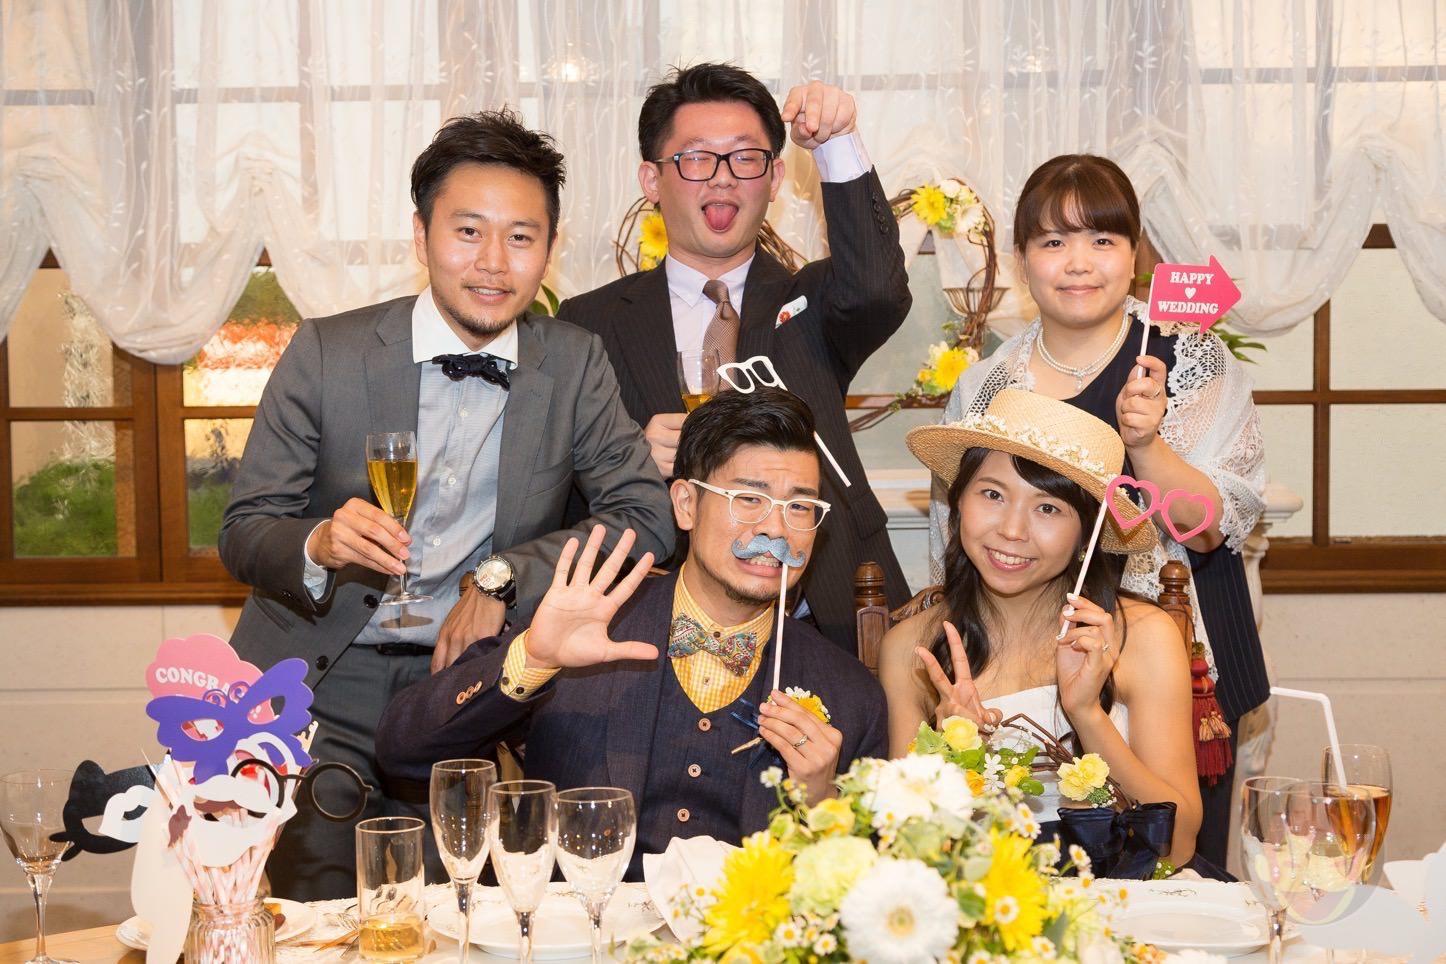 Hanzoya-Wedding-GoriMeYomeMe-214.jpg